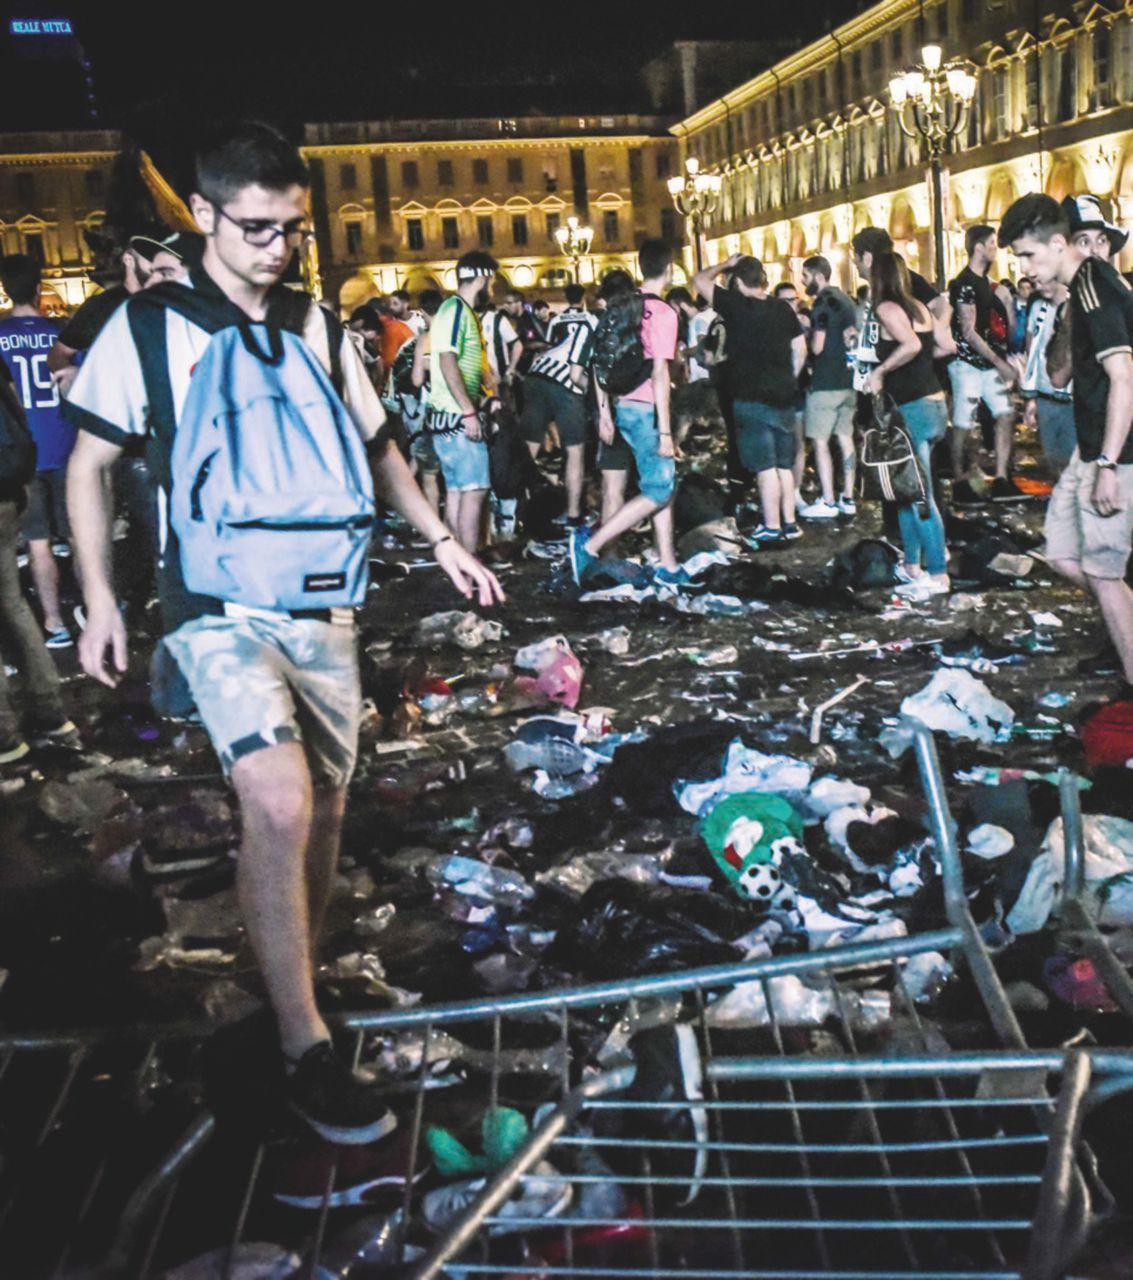 Caos in piazza a Torino: gli organizzatori nei guai